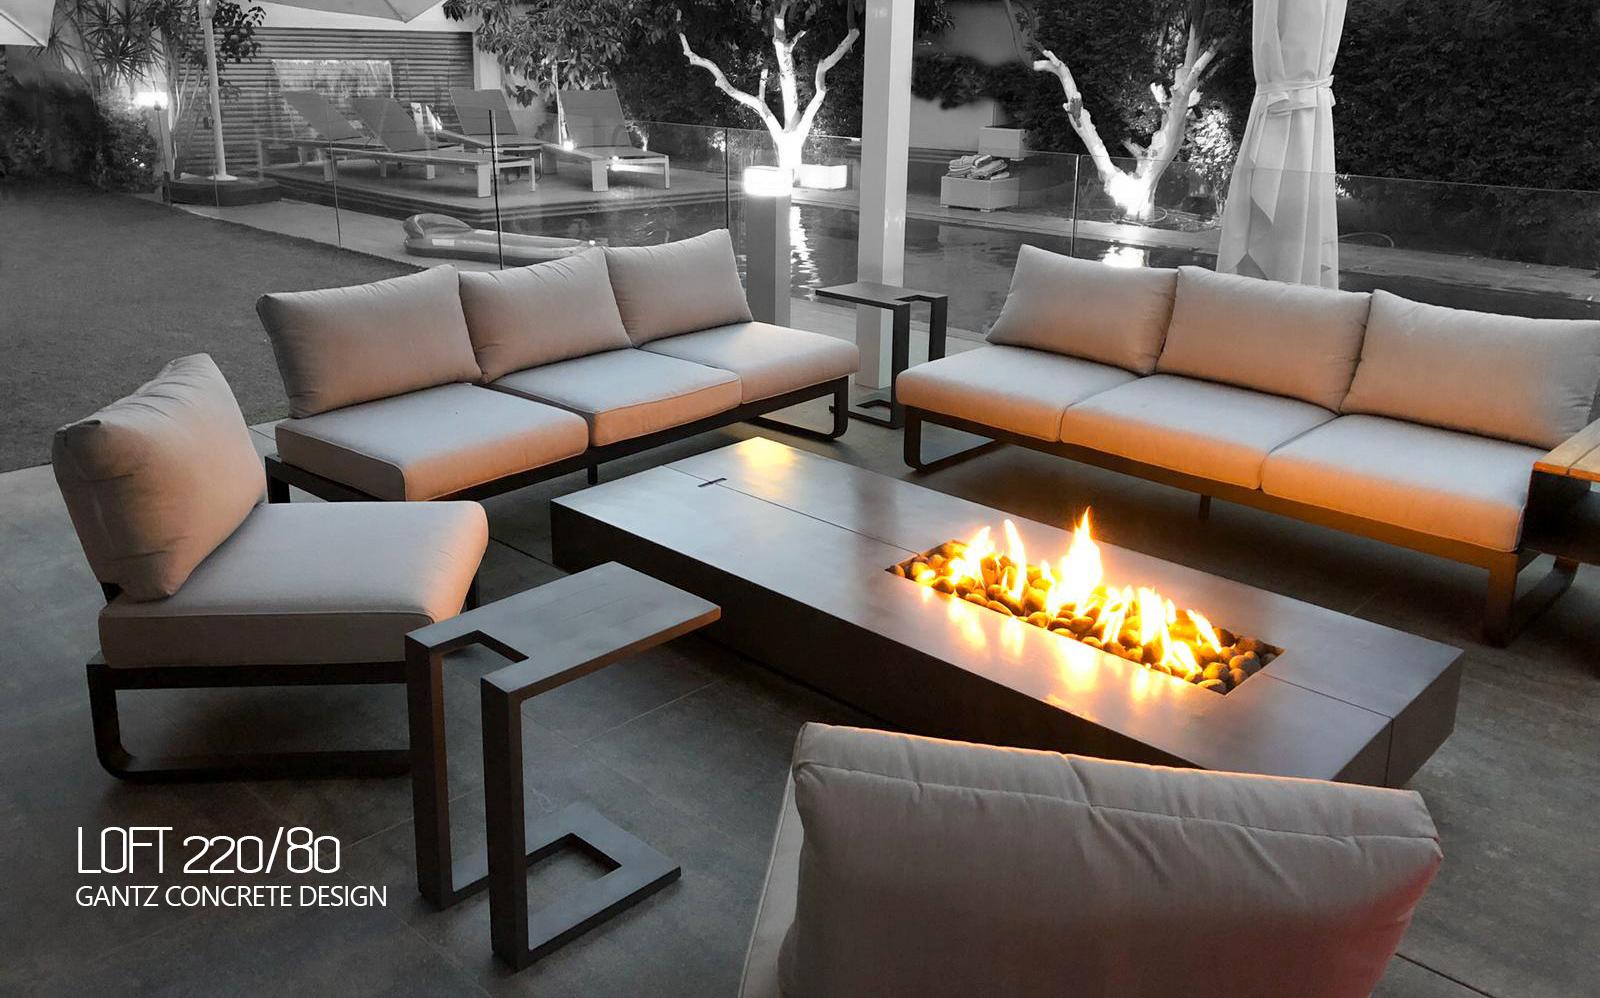 גנץ שולחן אש מבטון סטון דגם לופט 220_80.